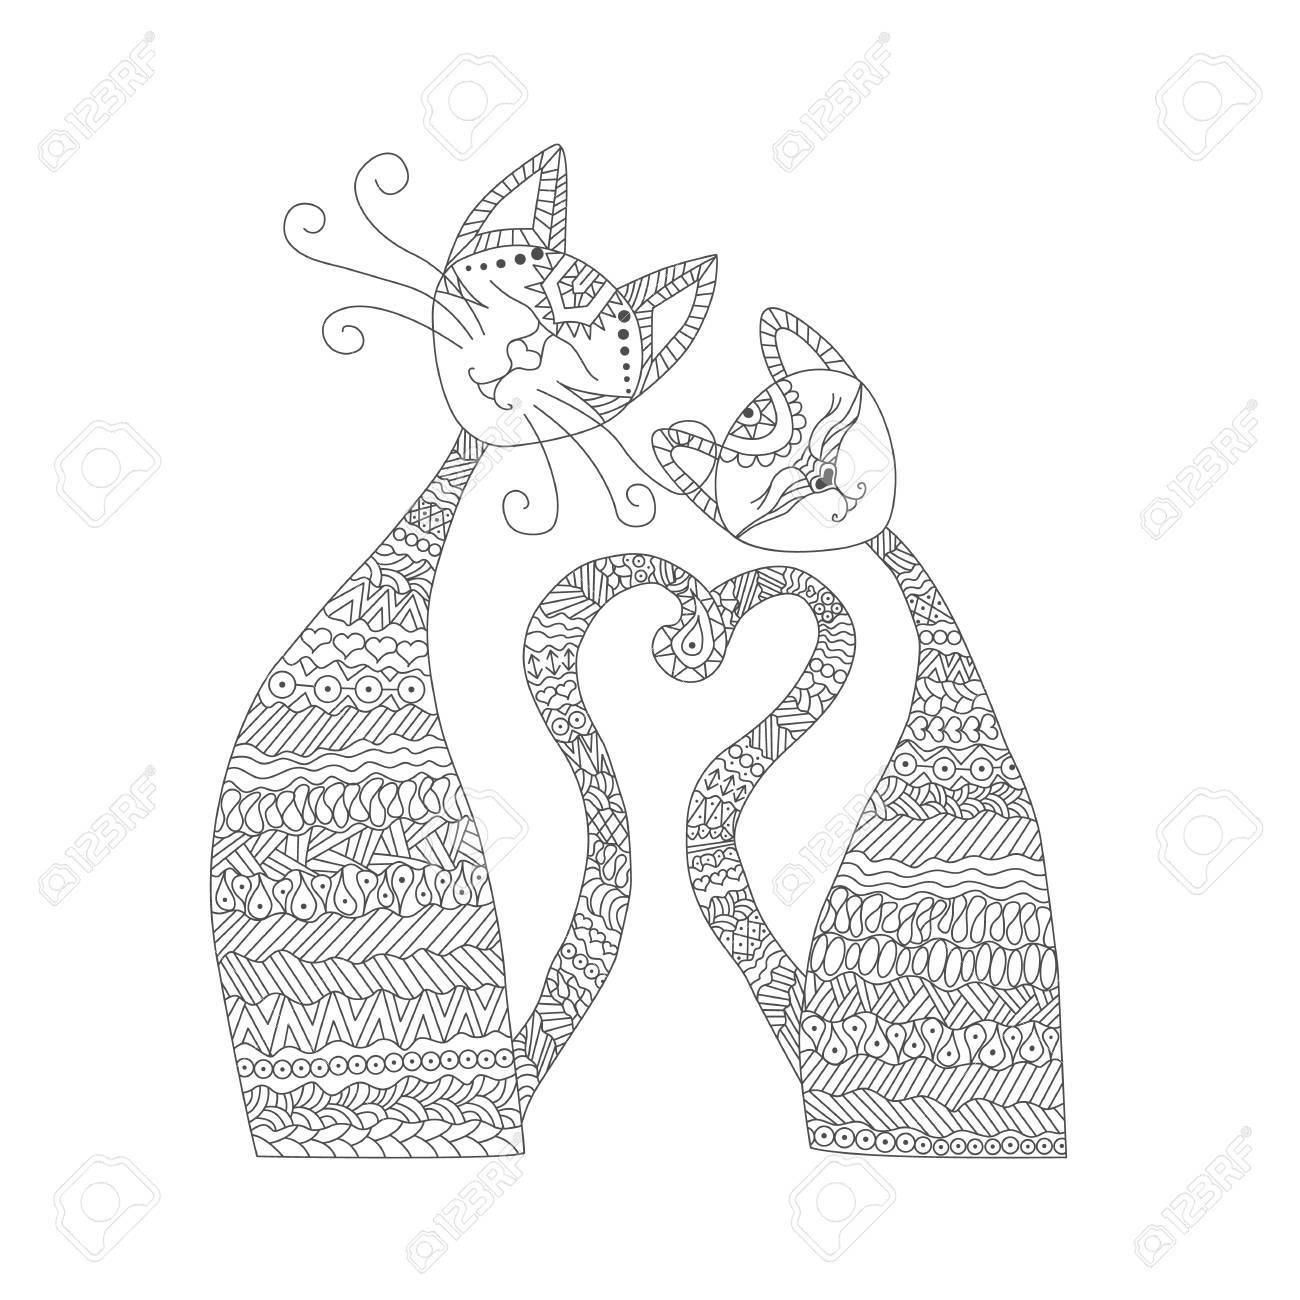 Coloriage Chat Amoureux.Deux Chats Amoureux Livre De Coloriage Antistress Elements Dessines A La Main Pour Vos Creations Robe Affiche Carte T Shirt